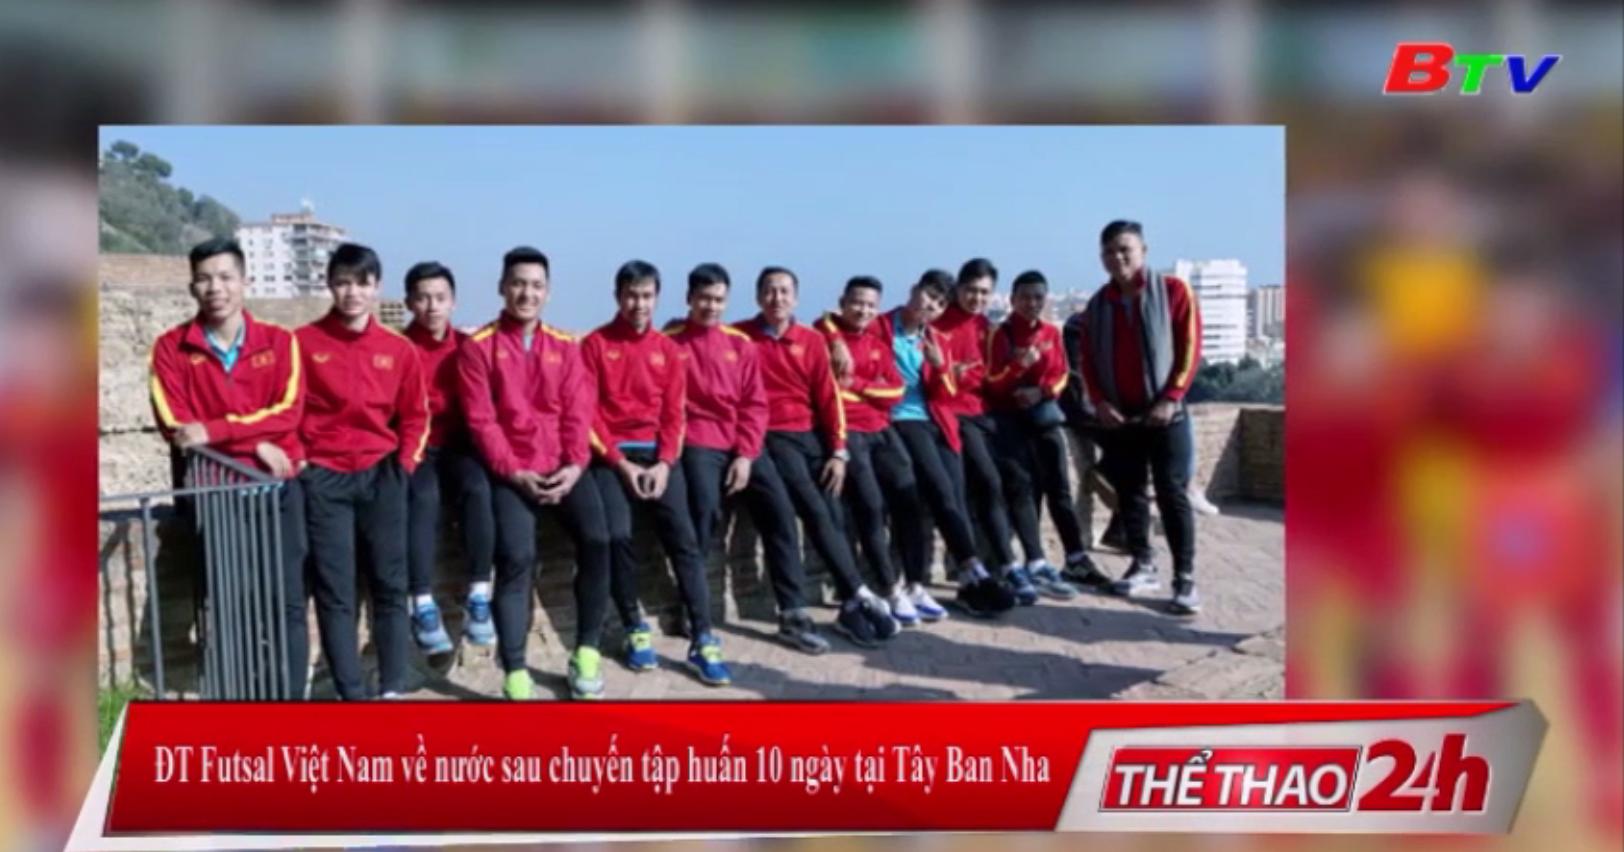 ĐT Futsal Việt Nam về nước sau chuyến tập huấn